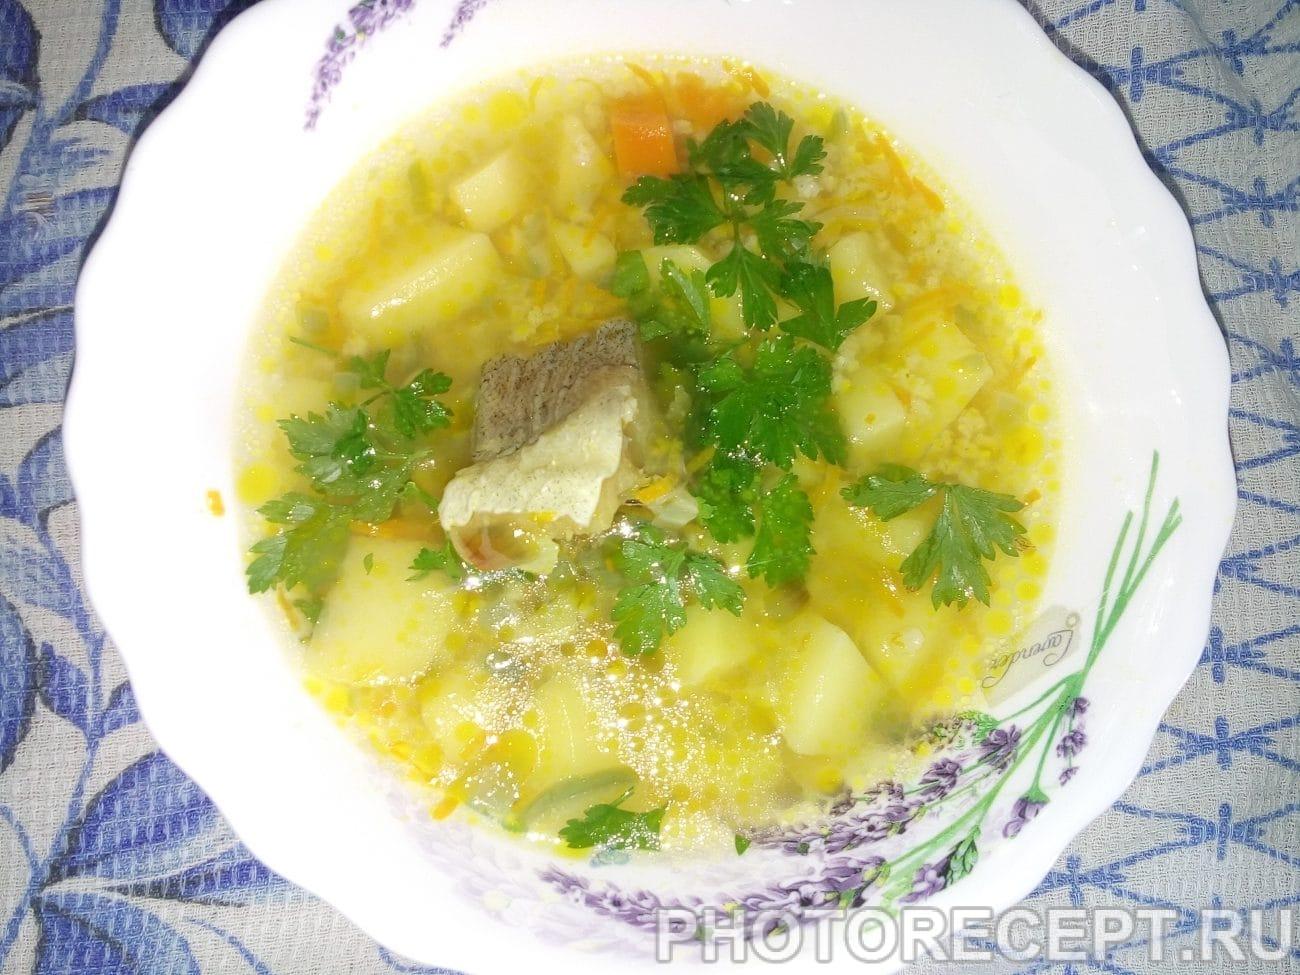 Рыбный суп судак рецепт пошагово в 23